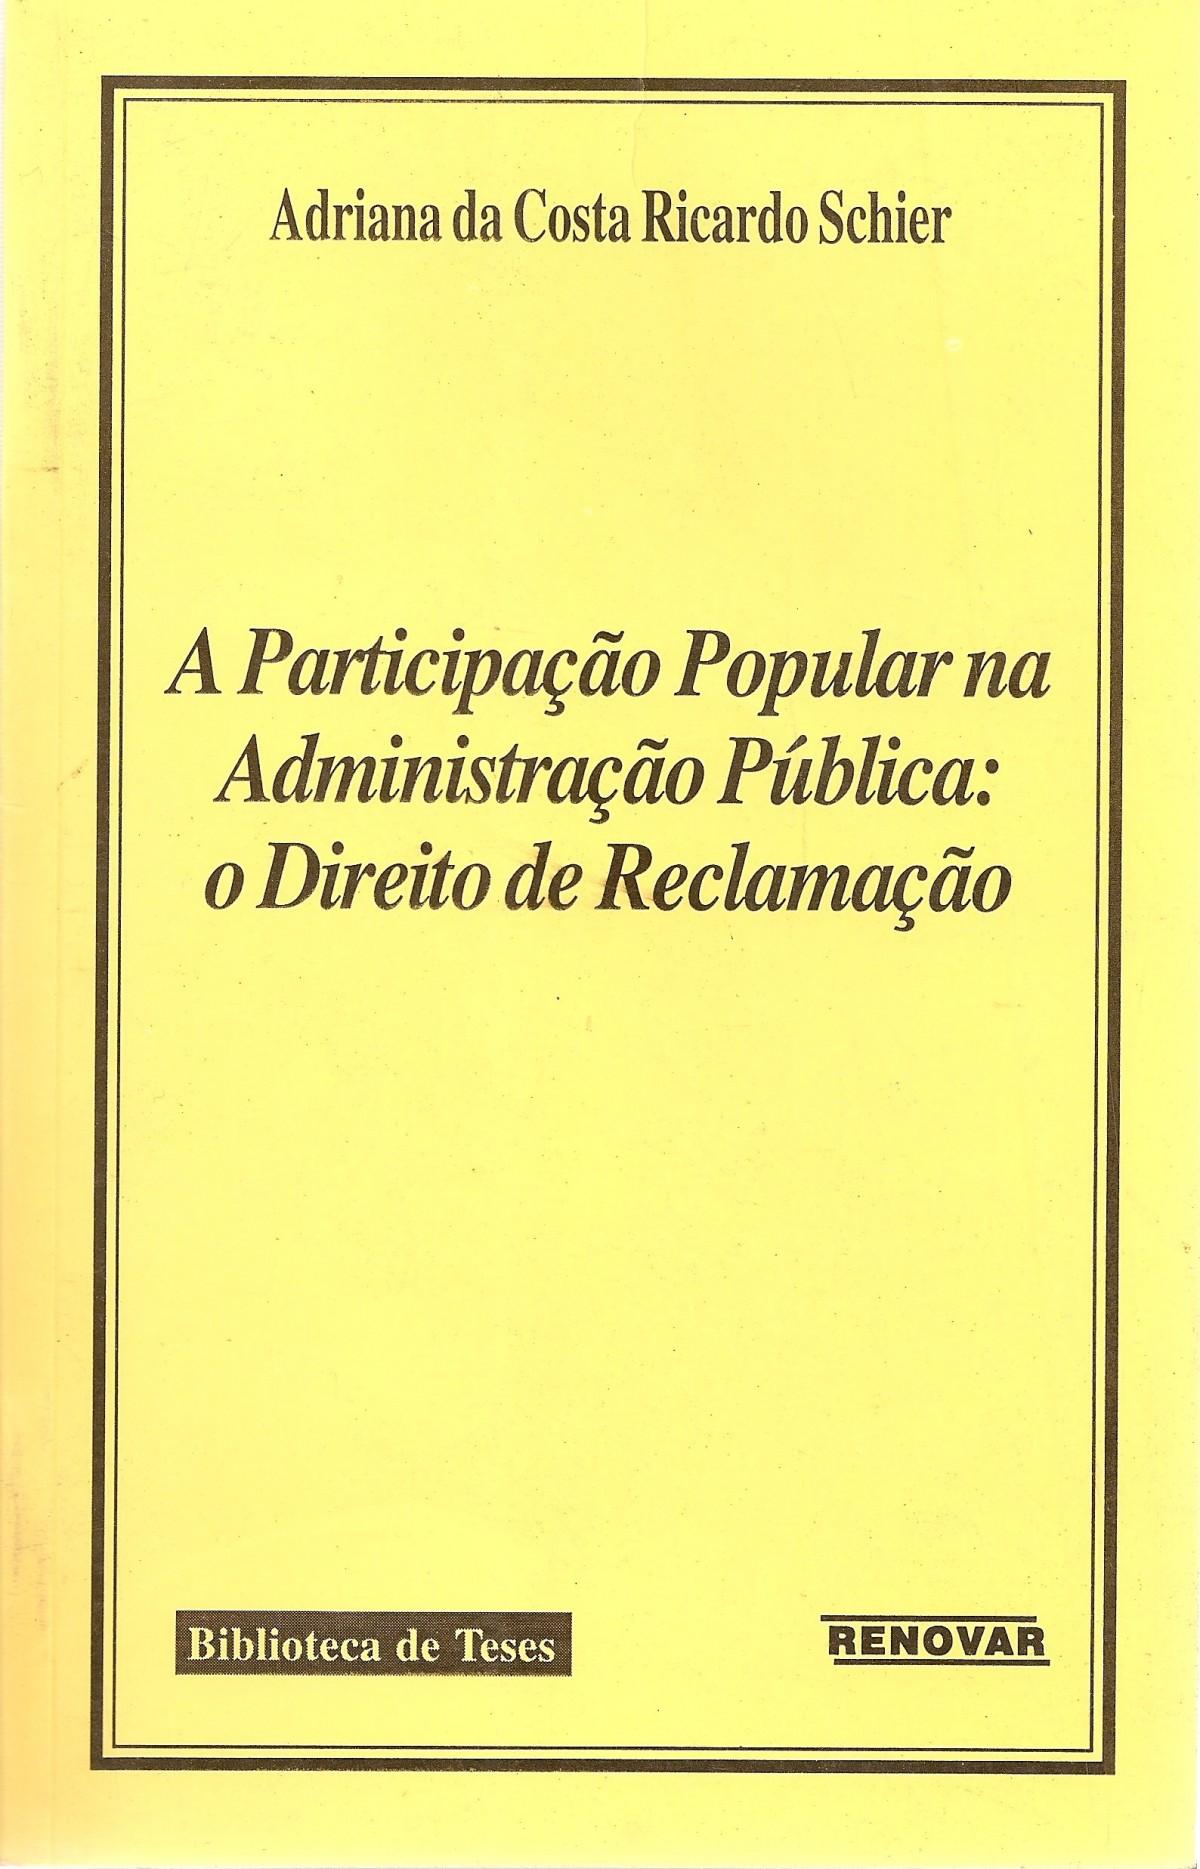 Foto 1 - A Participação Popular na Administração Pública: O Direito de Reclamação